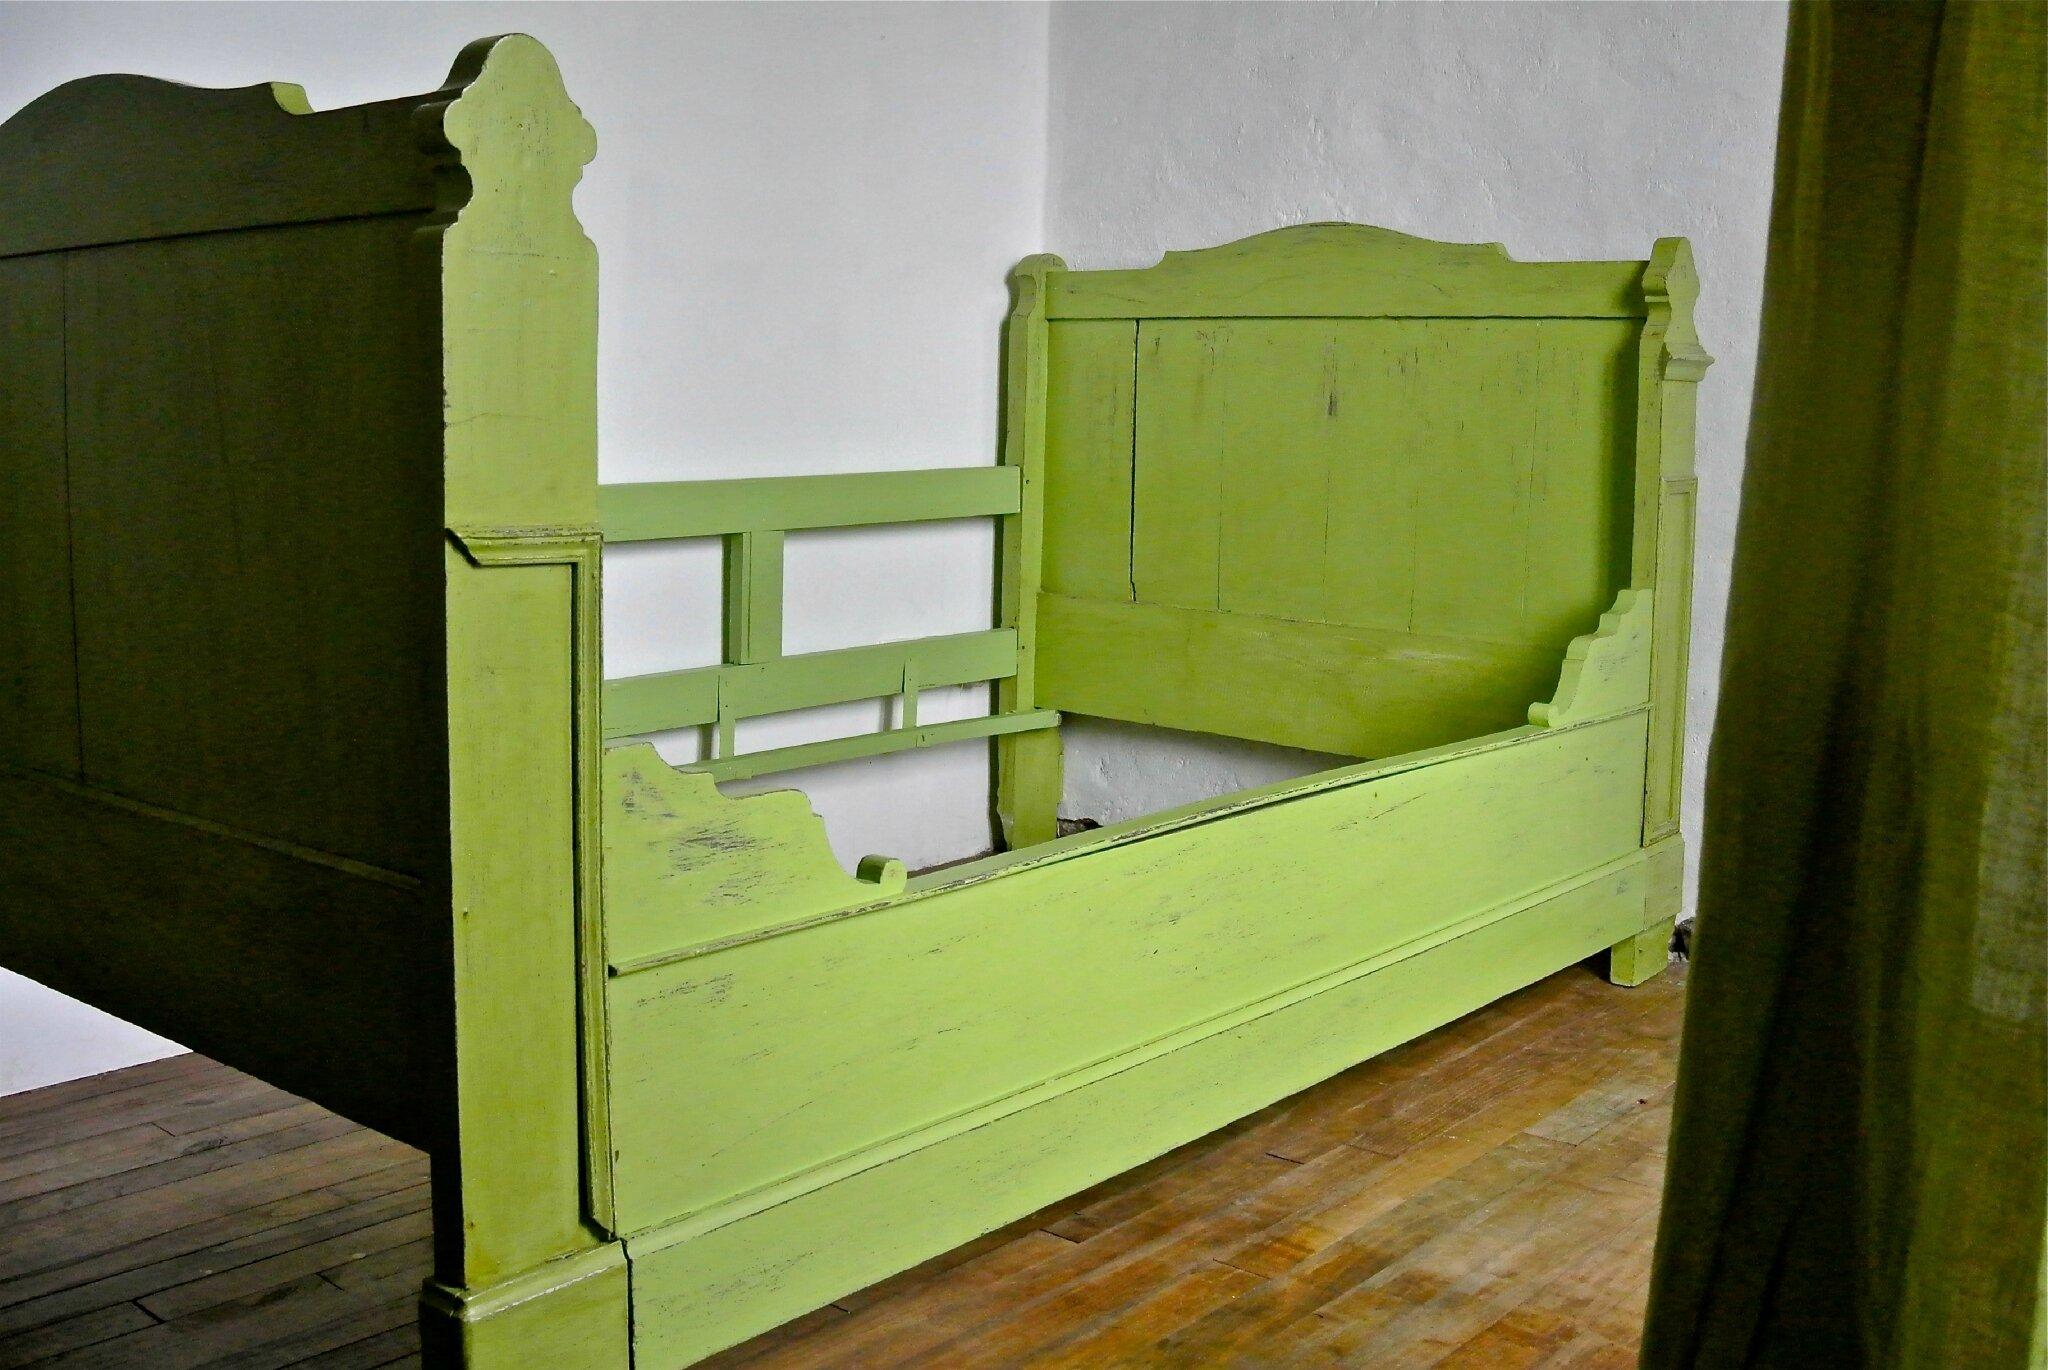 Lit patin dormir au vert barbatruc et r cup - Customiser un lit en bois ...